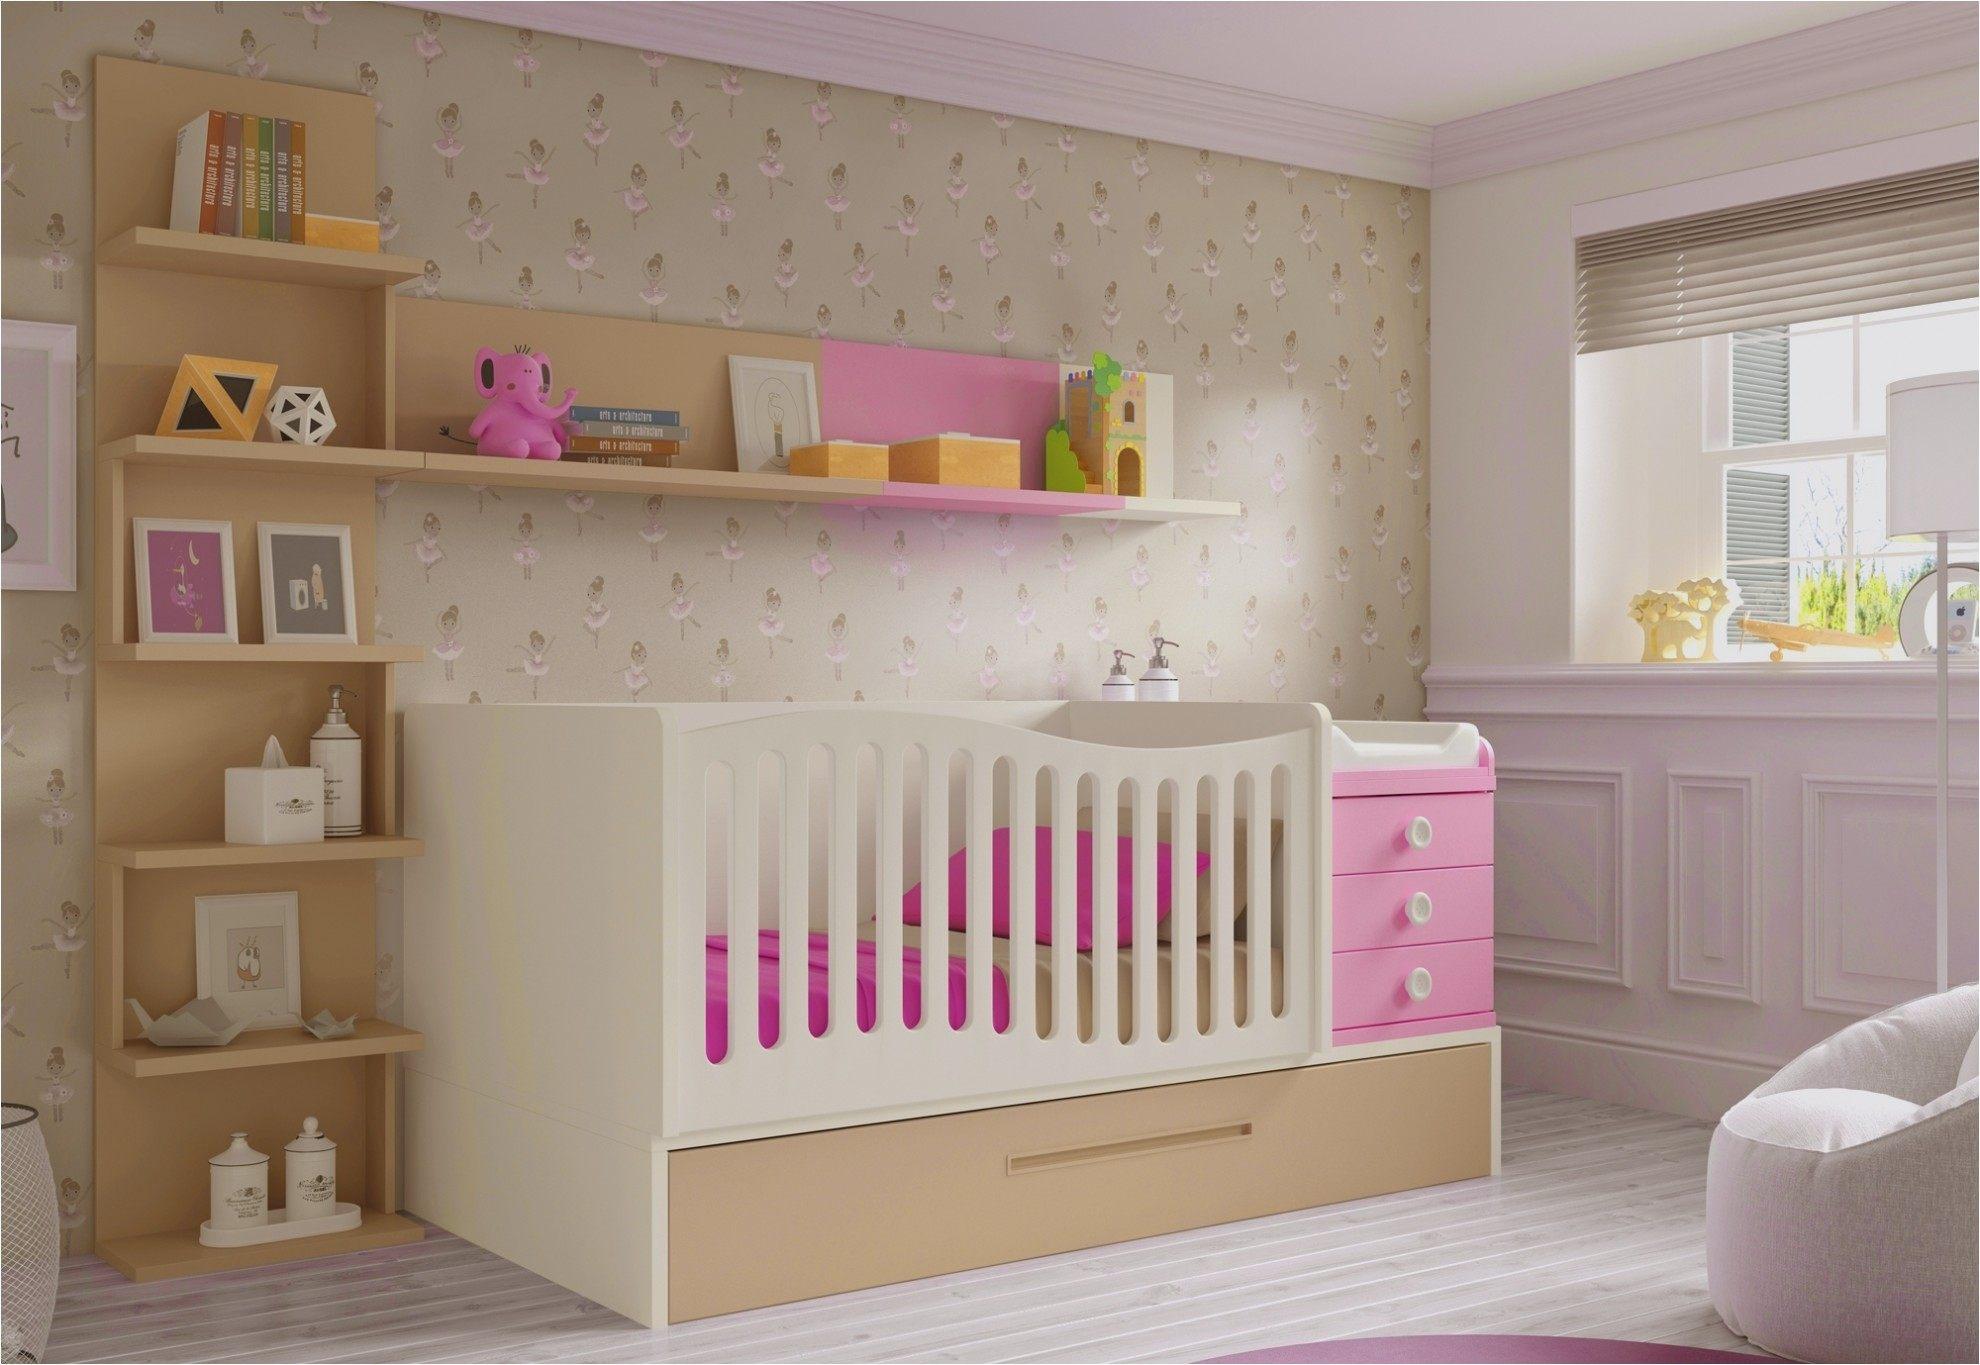 Lit Bébé à Roulettes Frais Chaise Rose Poudré Meilleur De Lit Superposé Design Ajihle – Ccfd Cd